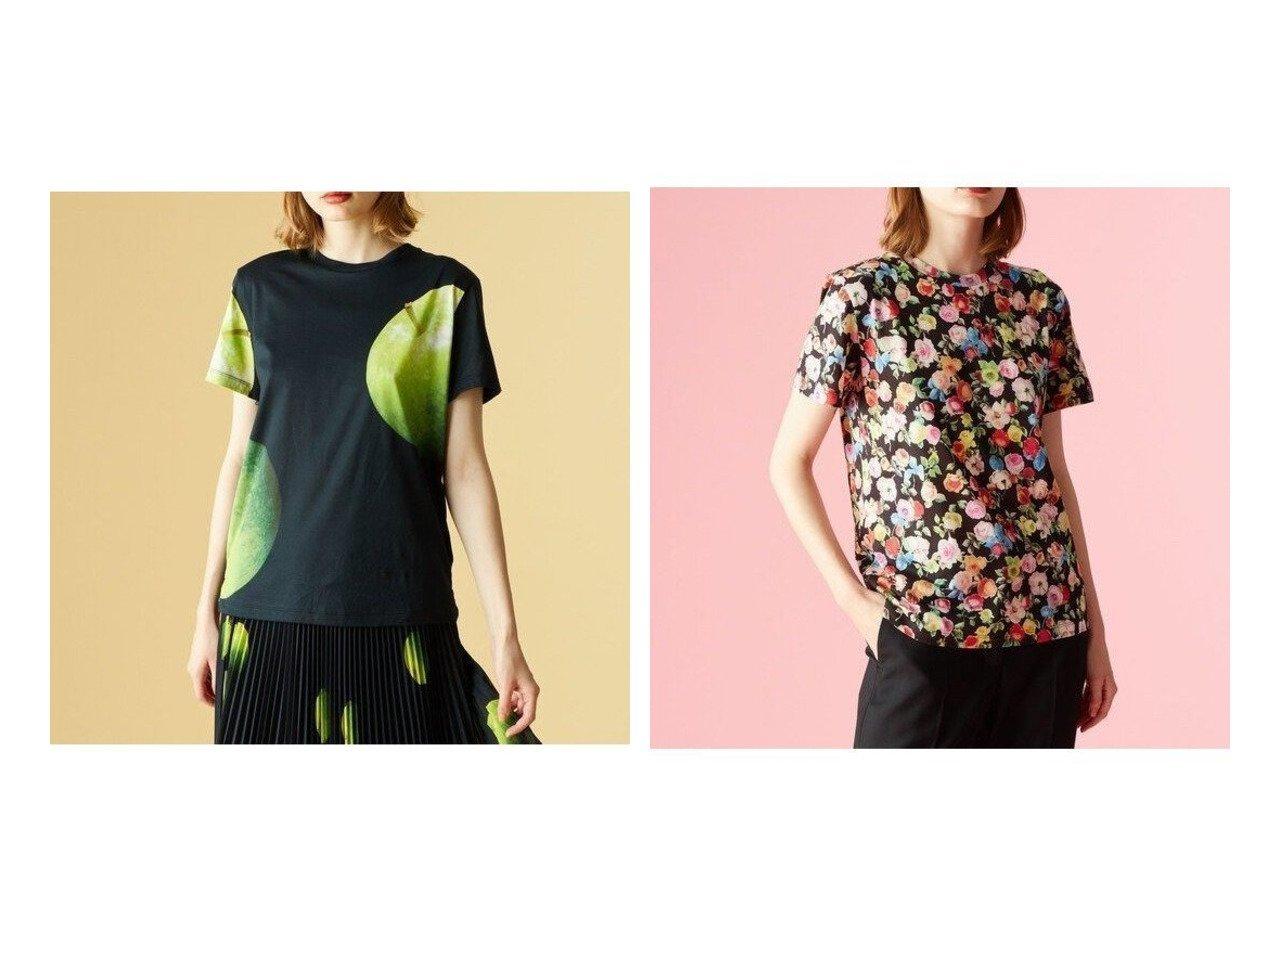 【Paul Smith/ポール スミス】の【50th Anniversary】アーカイブ Tシャツ おすすめ!人気、トレンド・レディースファッションの通販  おすすめで人気の流行・トレンド、ファッションの通販商品 メンズファッション・キッズファッション・インテリア・家具・レディースファッション・服の通販 founy(ファニー) https://founy.com/ ファッション Fashion レディースファッション WOMEN トップス・カットソー Tops/Tshirt シャツ/ブラウス Shirts/Blouses ロング / Tシャツ T-Shirts 春 Spring 洗える カットソー グラフィック コレクション シルケット スリット 定番 Standard プリント ローズ 再入荷 Restock/Back in Stock/Re Arrival S/S・春夏 SS・Spring/Summer 送料無料 Free Shipping |ID:crp329100000026015